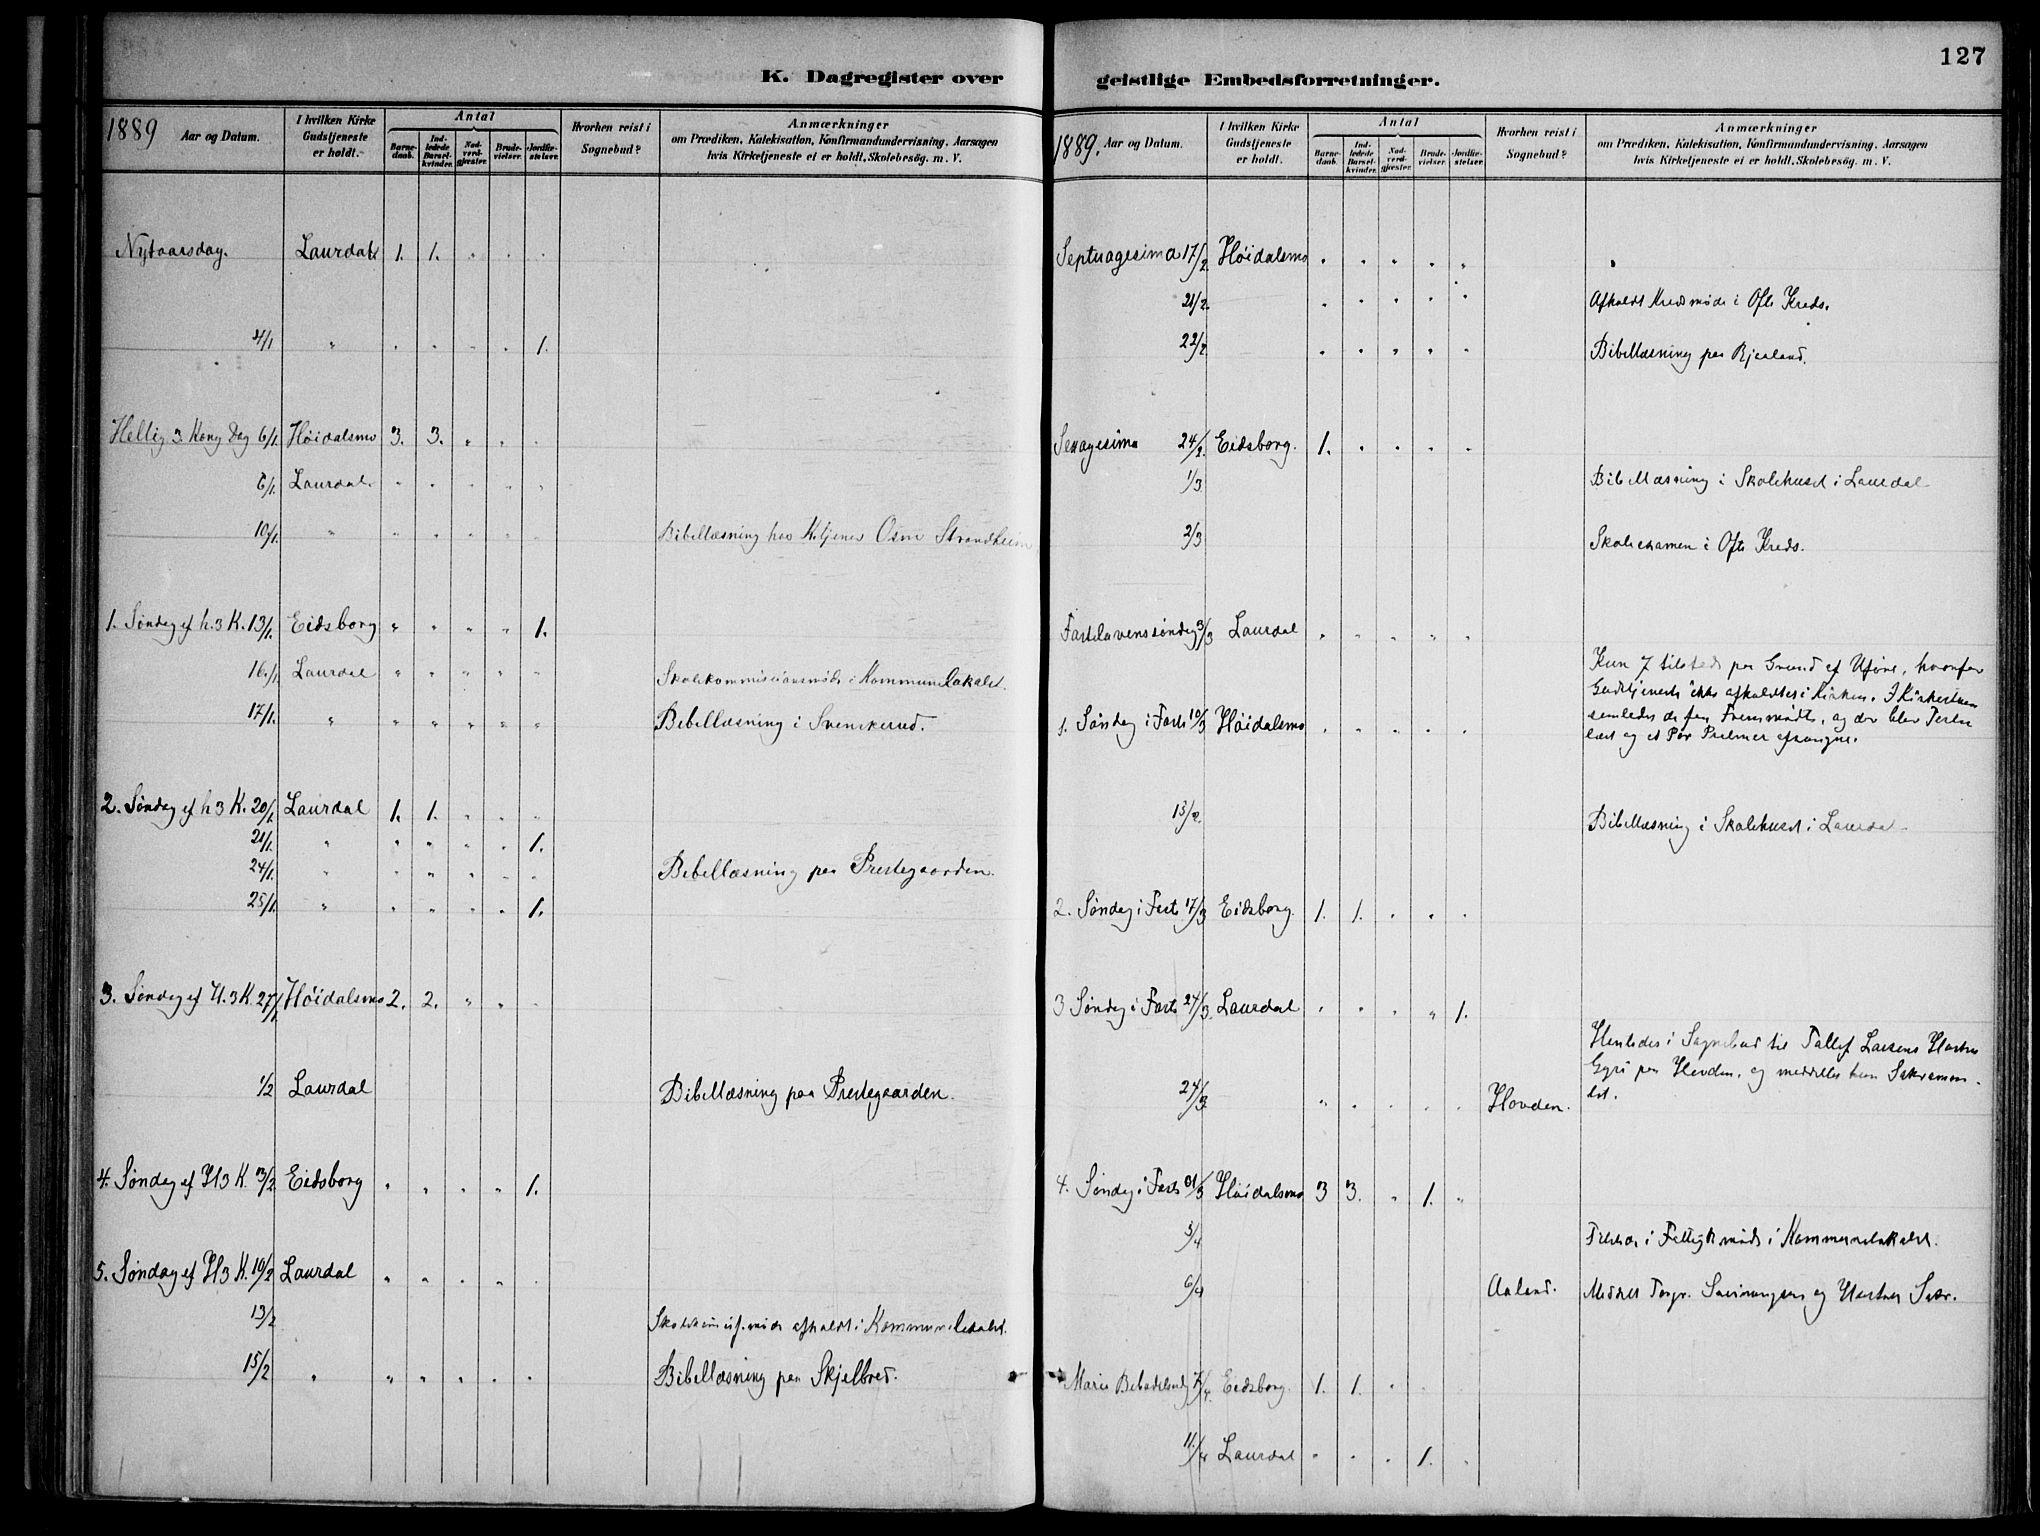 SAKO, Lårdal kirkebøker, F/Fa/L0007: Ministerialbok nr. I 7, 1887-1906, s. 127